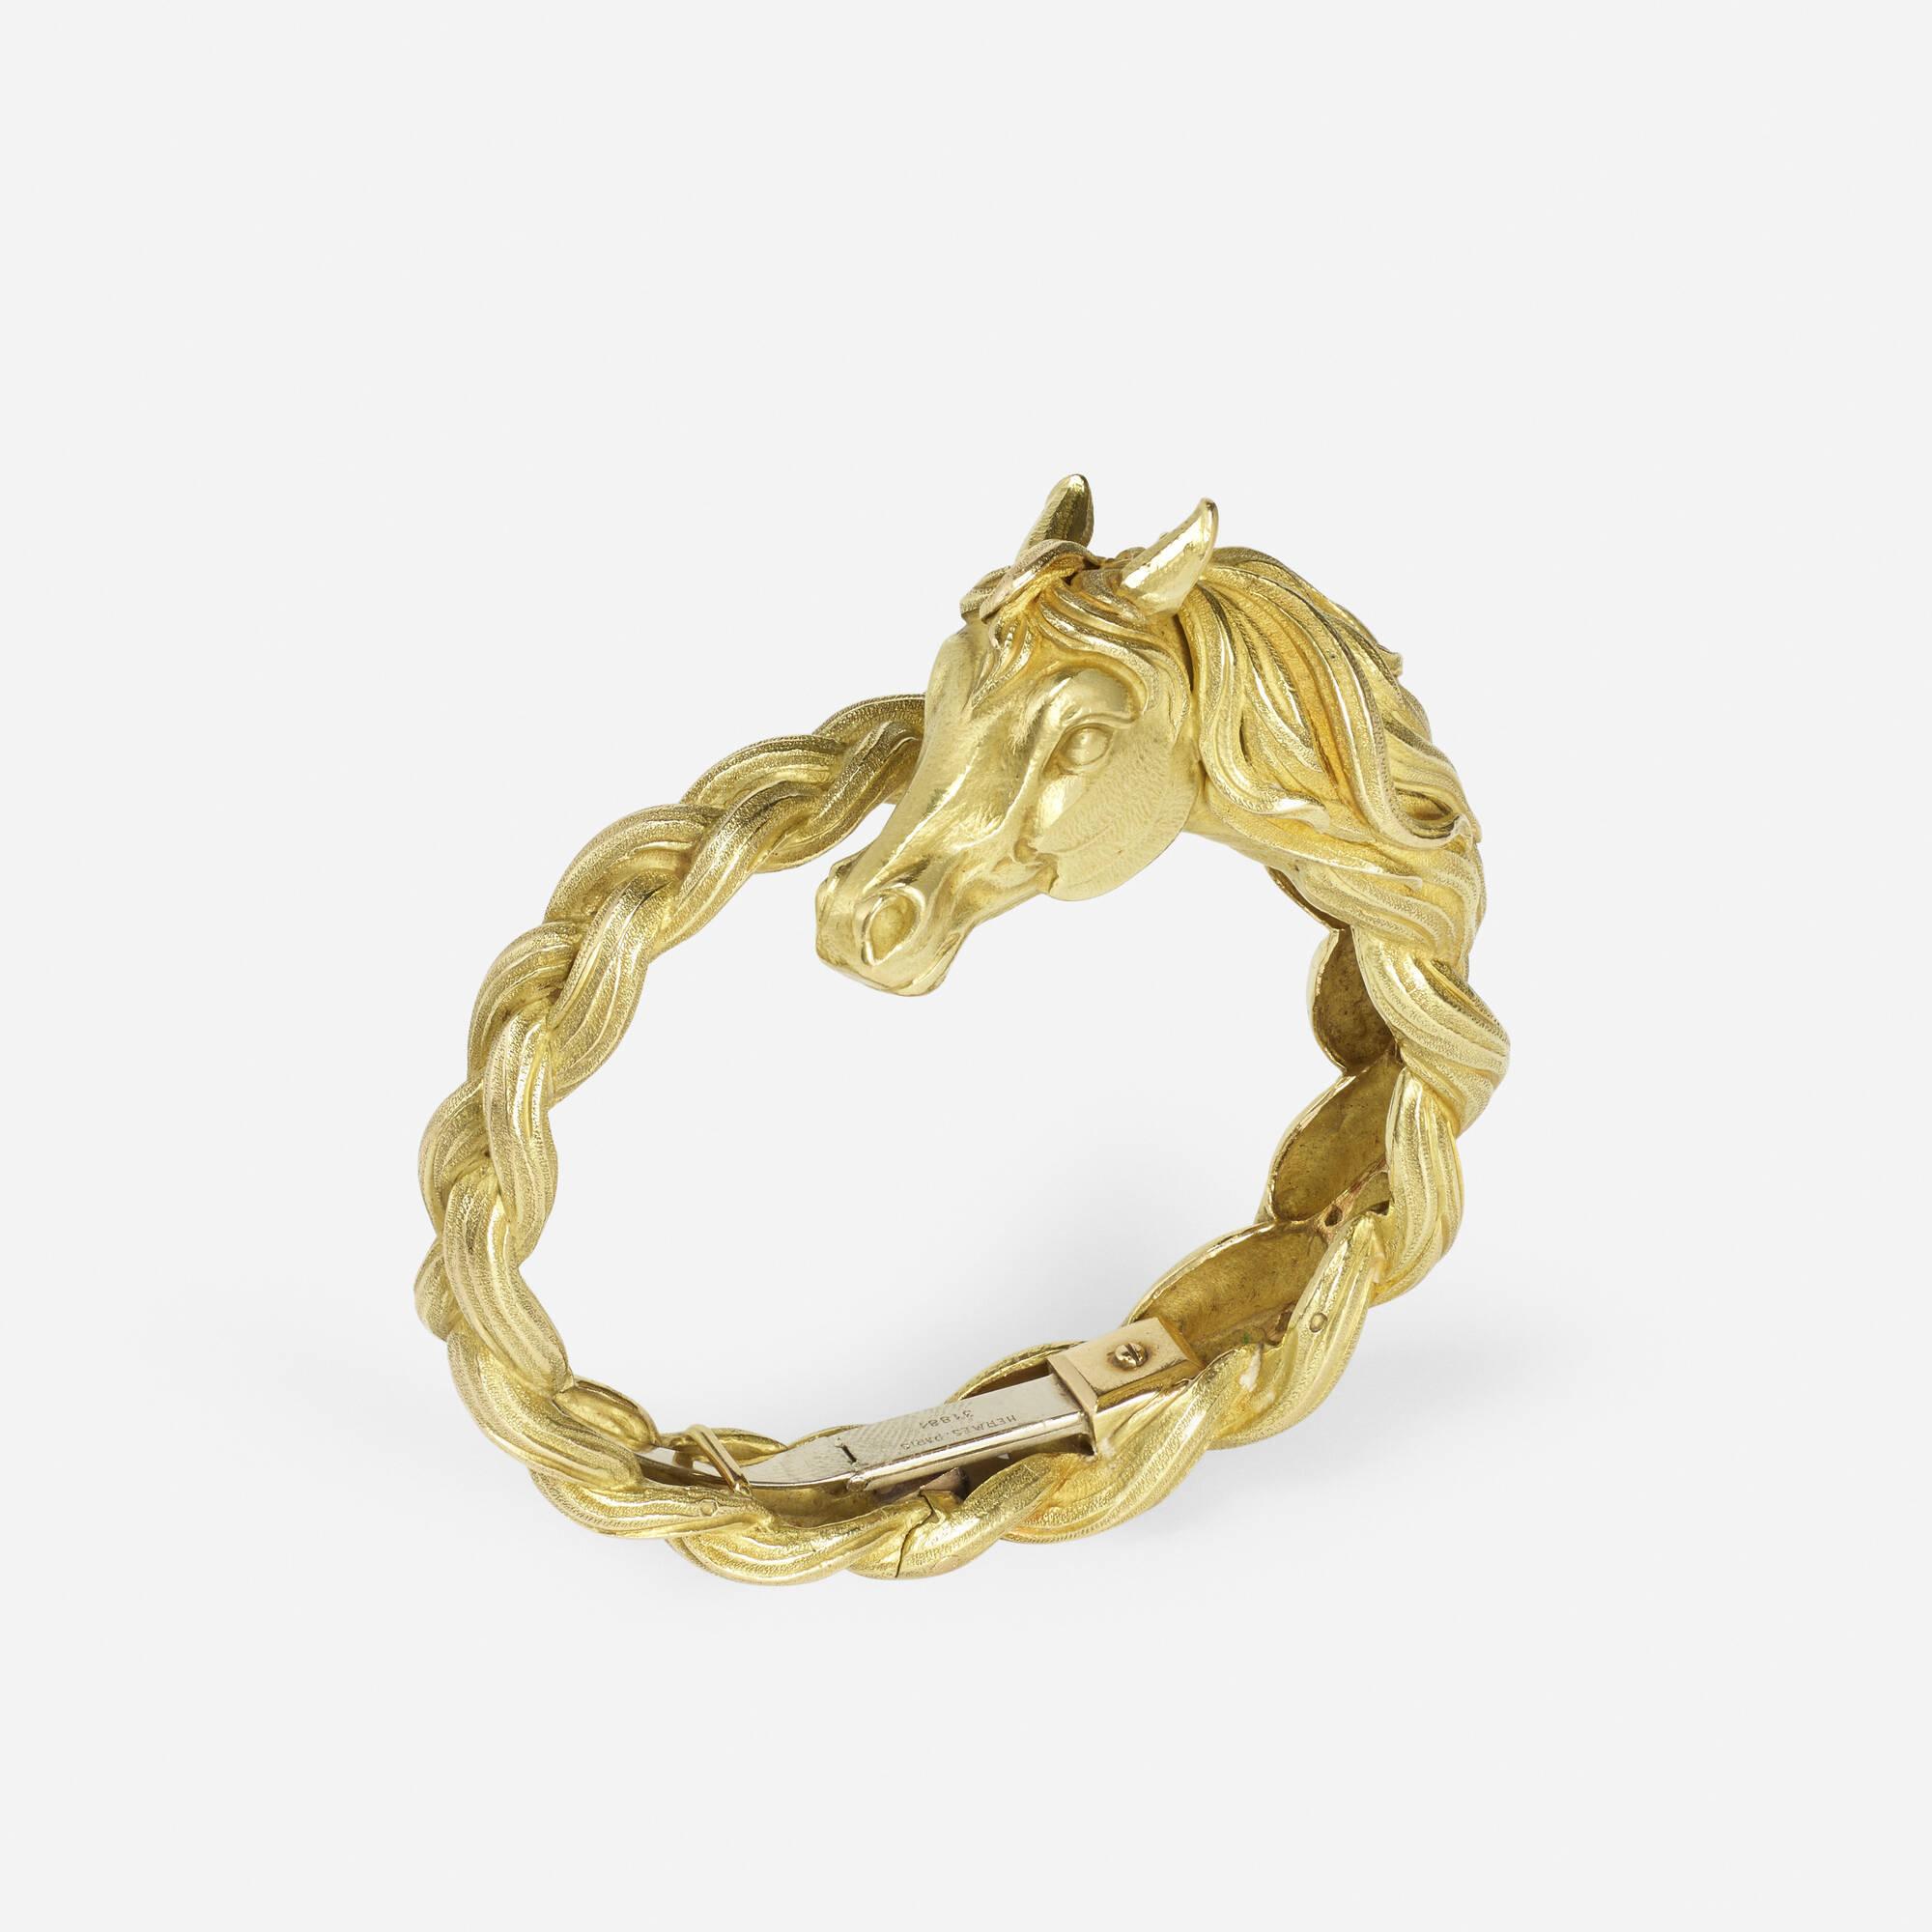 165: Hermès / A gold Tête de Cheval bracelet (1 of 2)